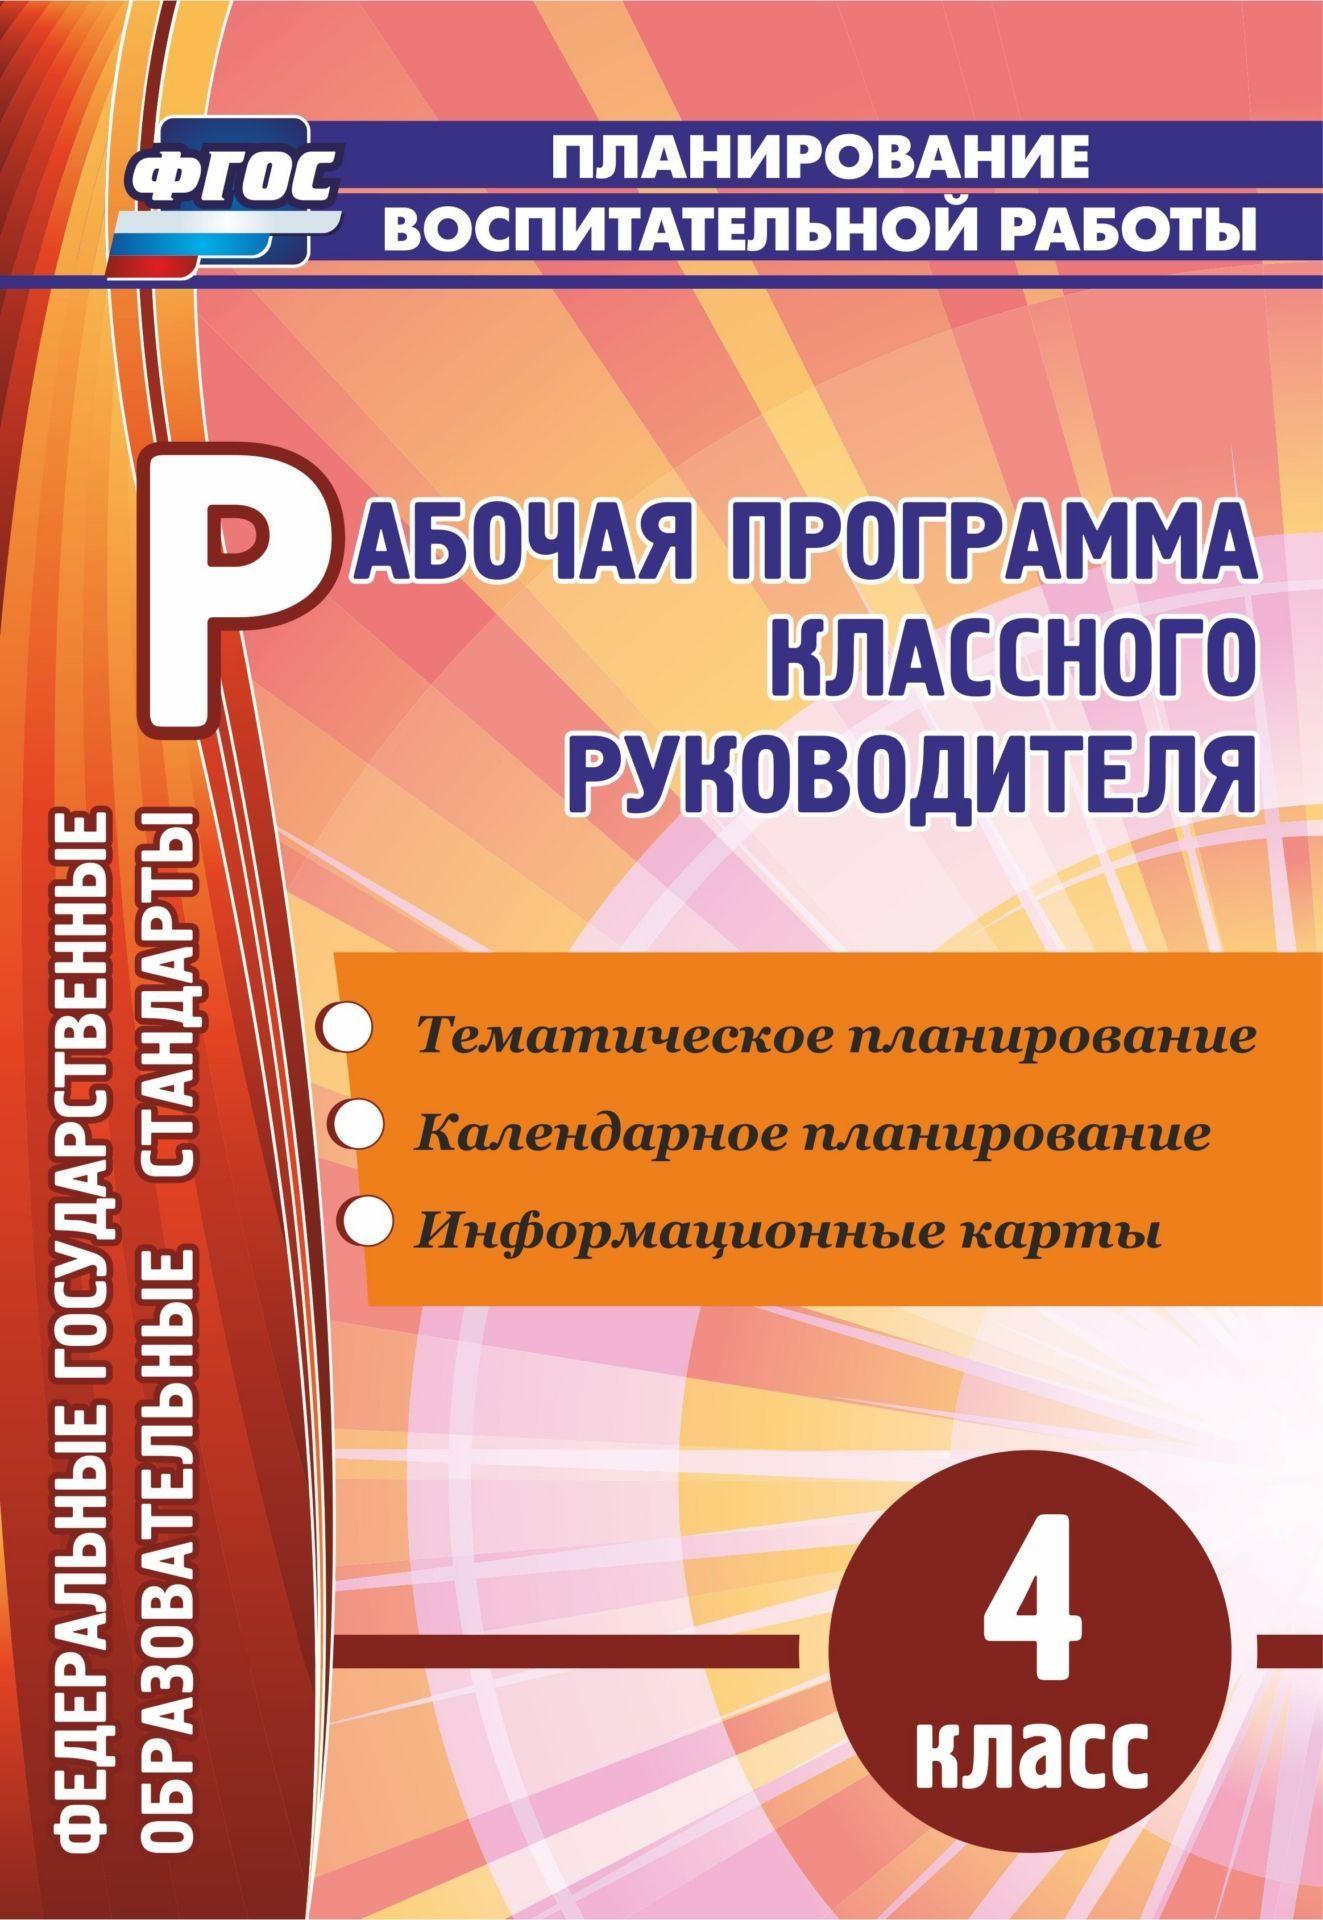 Рабочая программа классного руководителя. 4 класс: тематическое планирование, календарное информационные карты